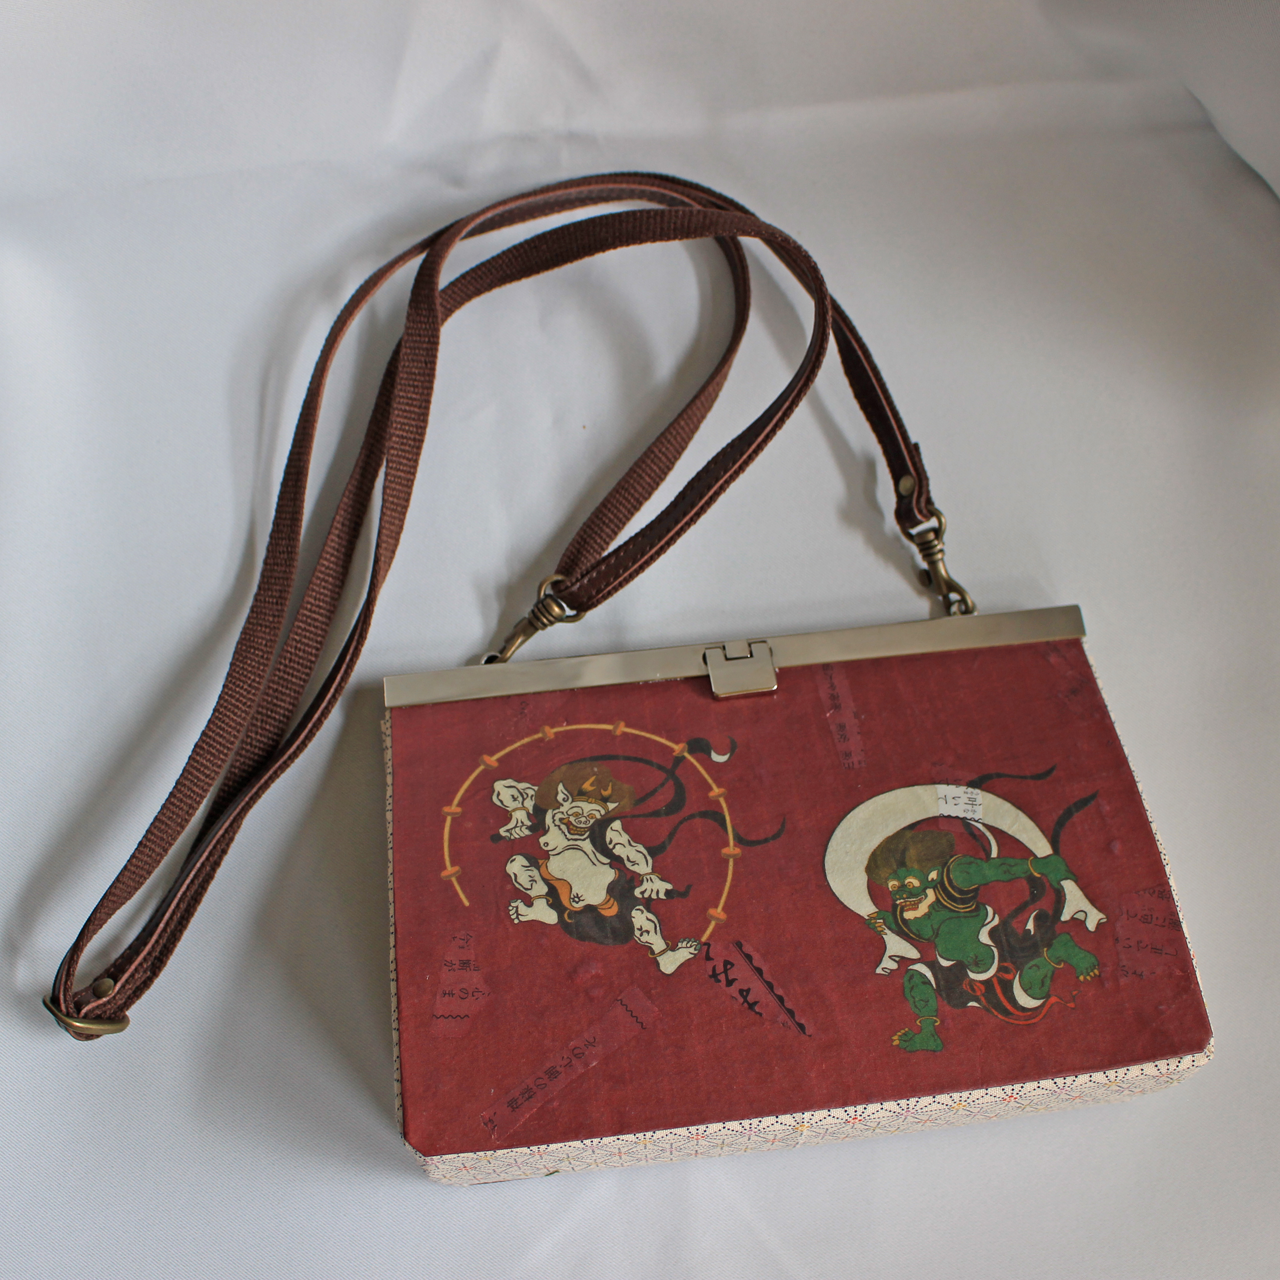 ハンドバッグ(ショルダータイプ)⑥ <Washi Hand bag  Shoulder type⑥>